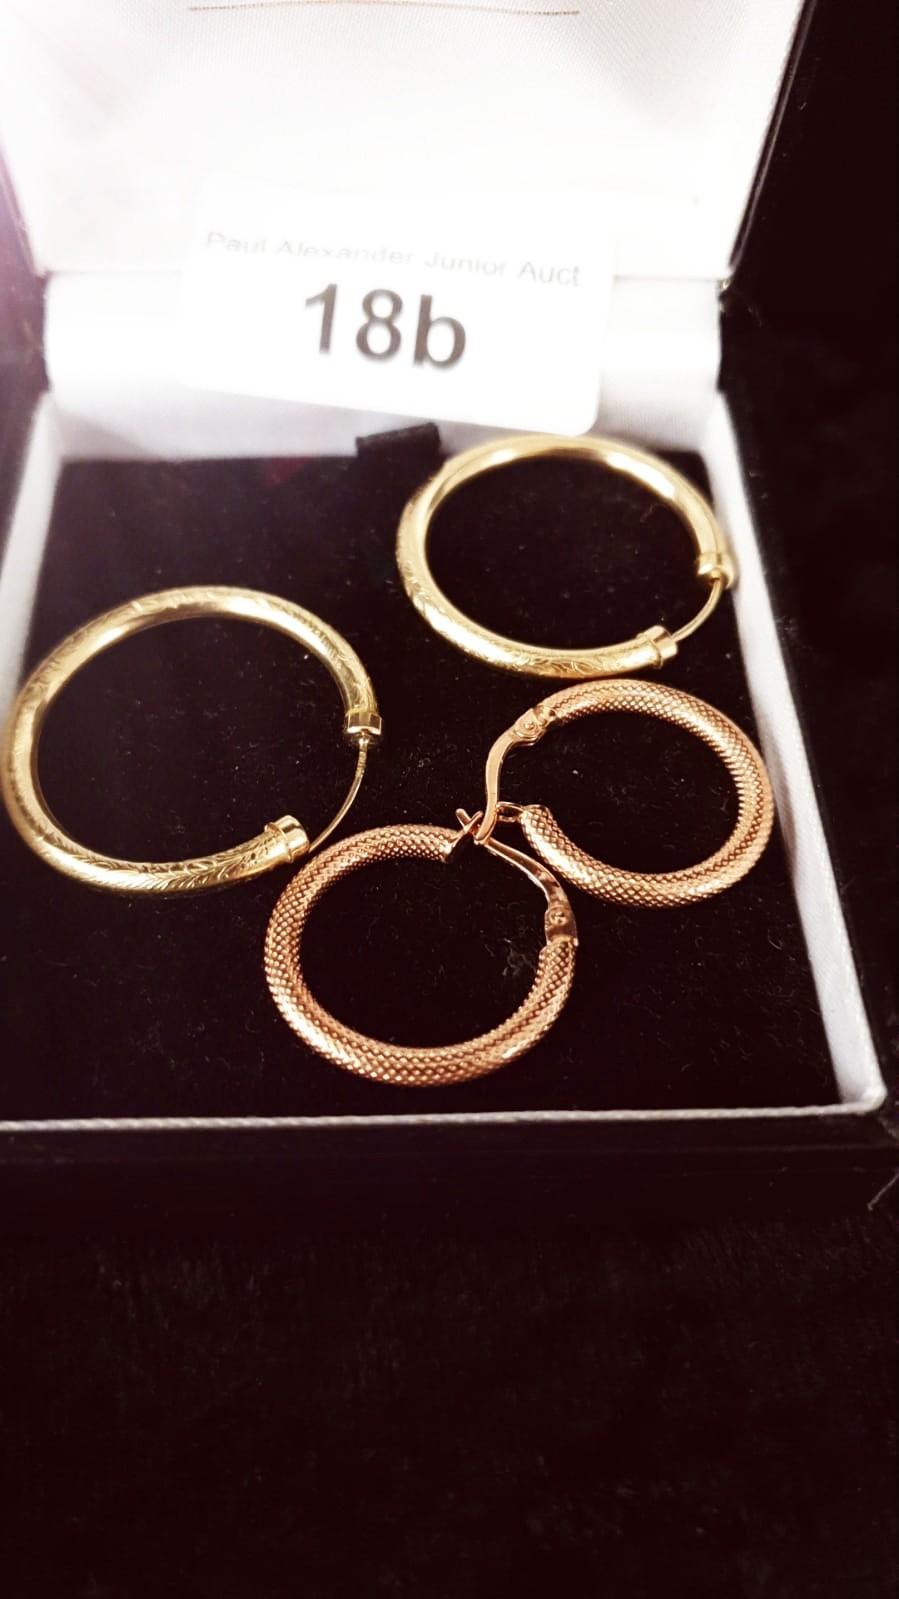 2 Pairs of 9ct gold hoop earrings . 4 grams .